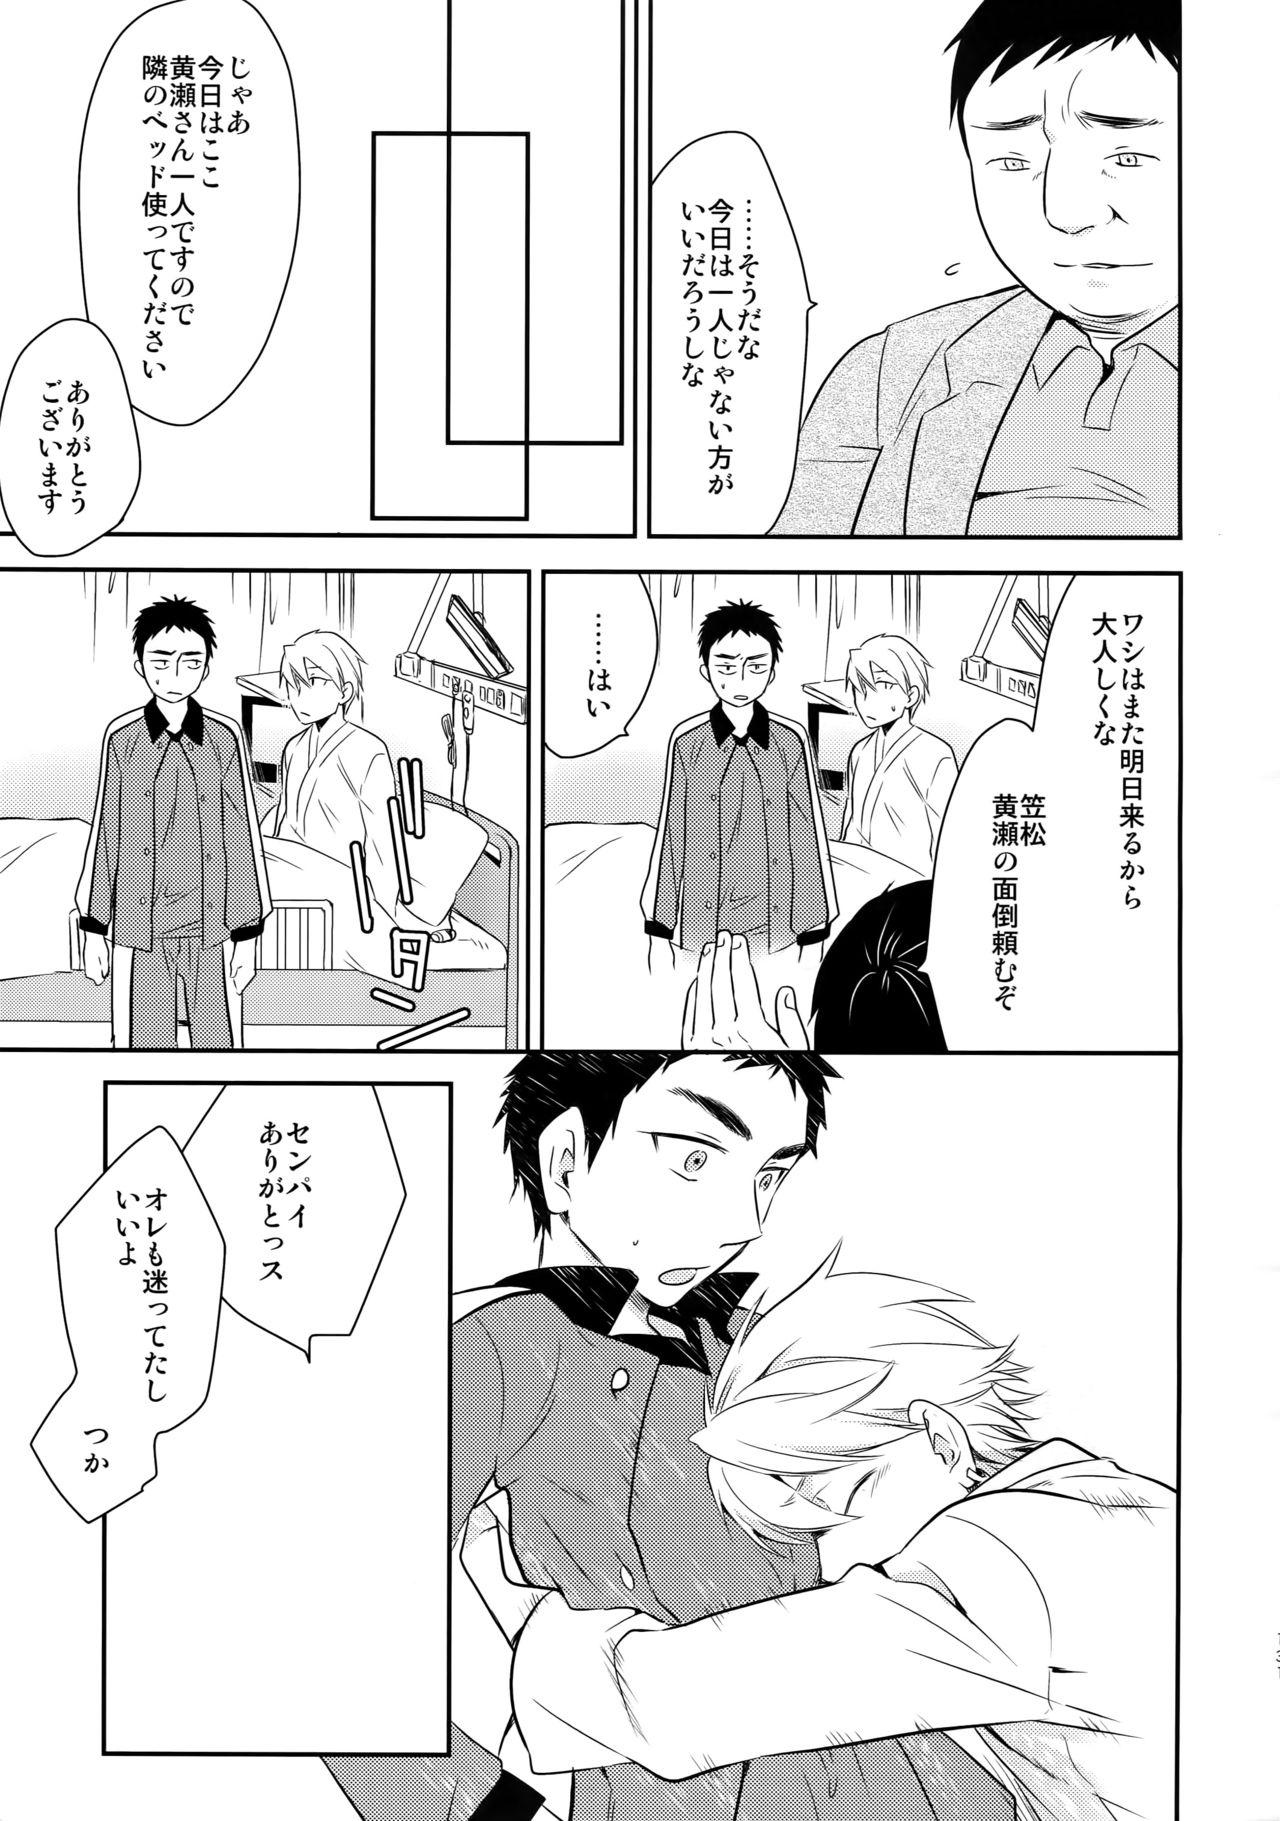 [Bakuchi Jinsei SP (Satsuki Fumi)] Kanpeki Kareshi to Zettai Ryouiki Ouji-sama - Another Version - (Kuroko no Basket) 129